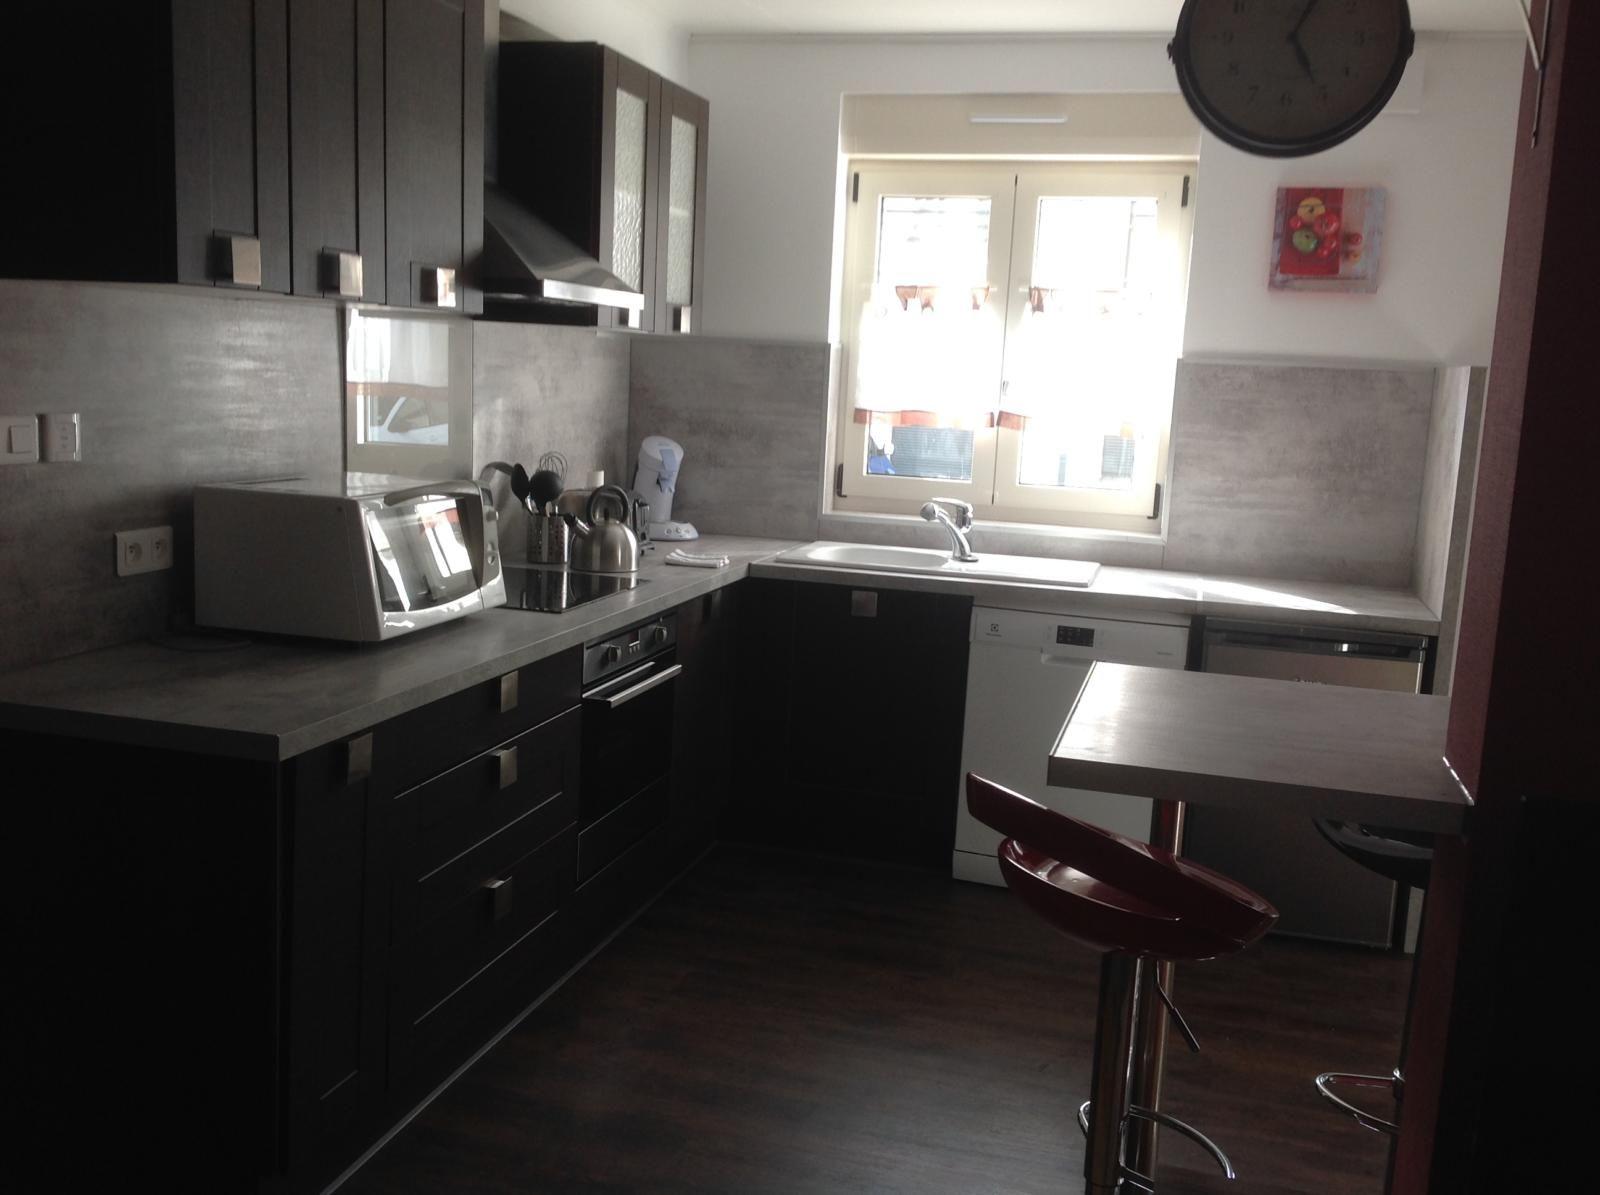 g te de l 39 cureuil lorraine tourisme. Black Bedroom Furniture Sets. Home Design Ideas